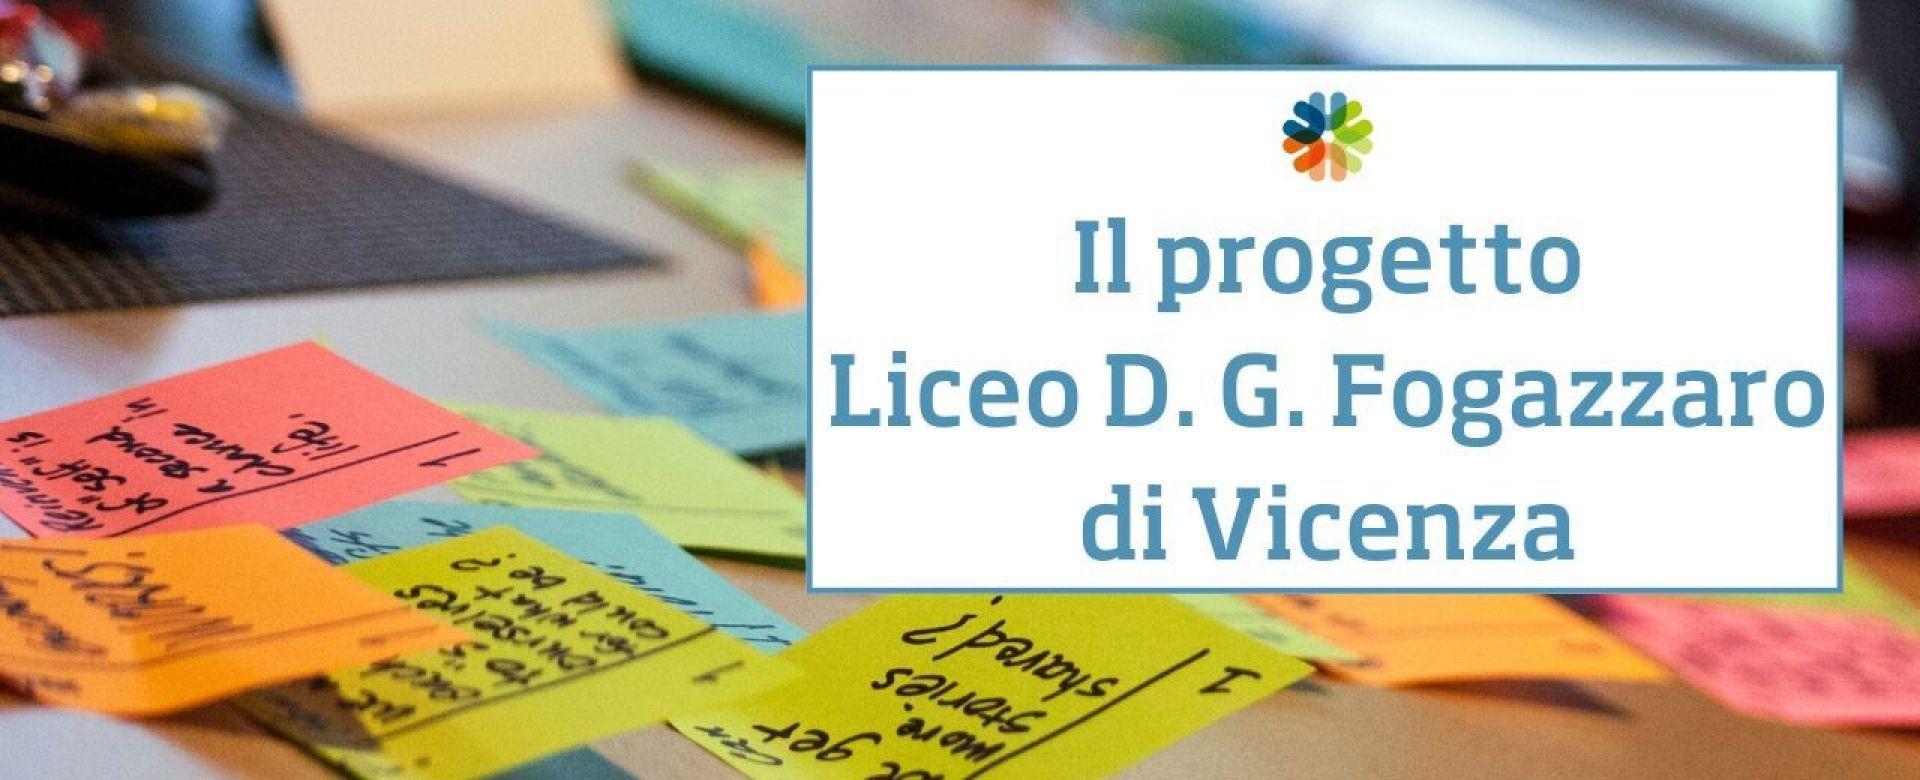 04.03.2020 - Il progetto con il Liceo D. G. Fogazzaro